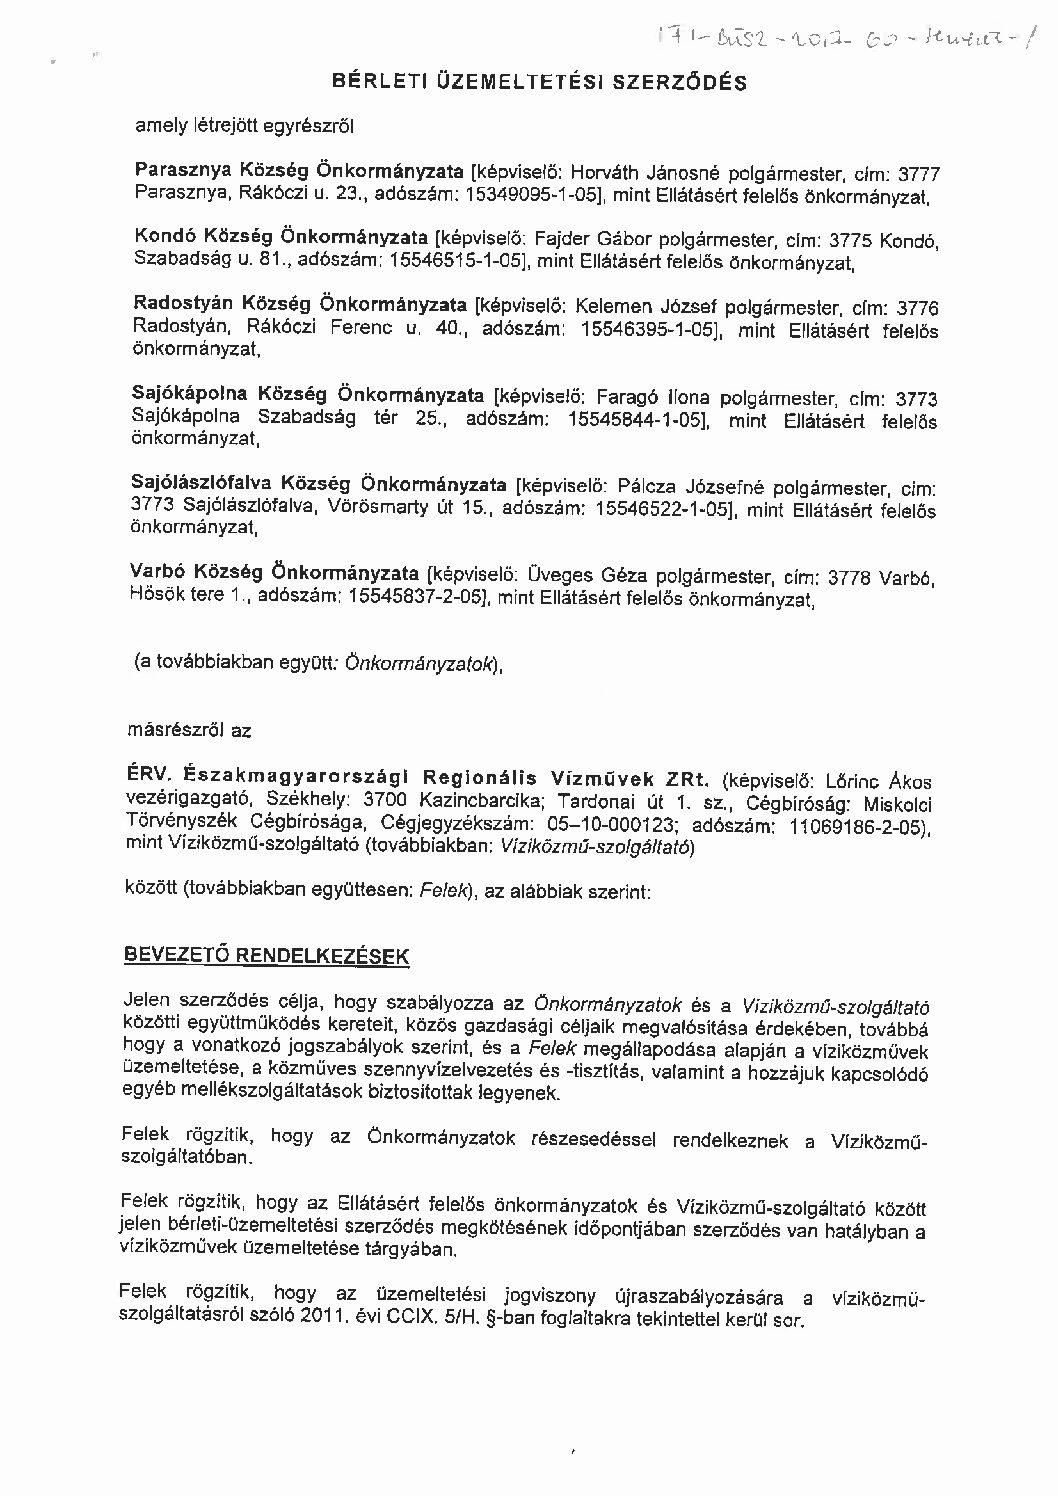 Sajószentpéter és térsége szennyvízrendszer (SZ-63-B-3)